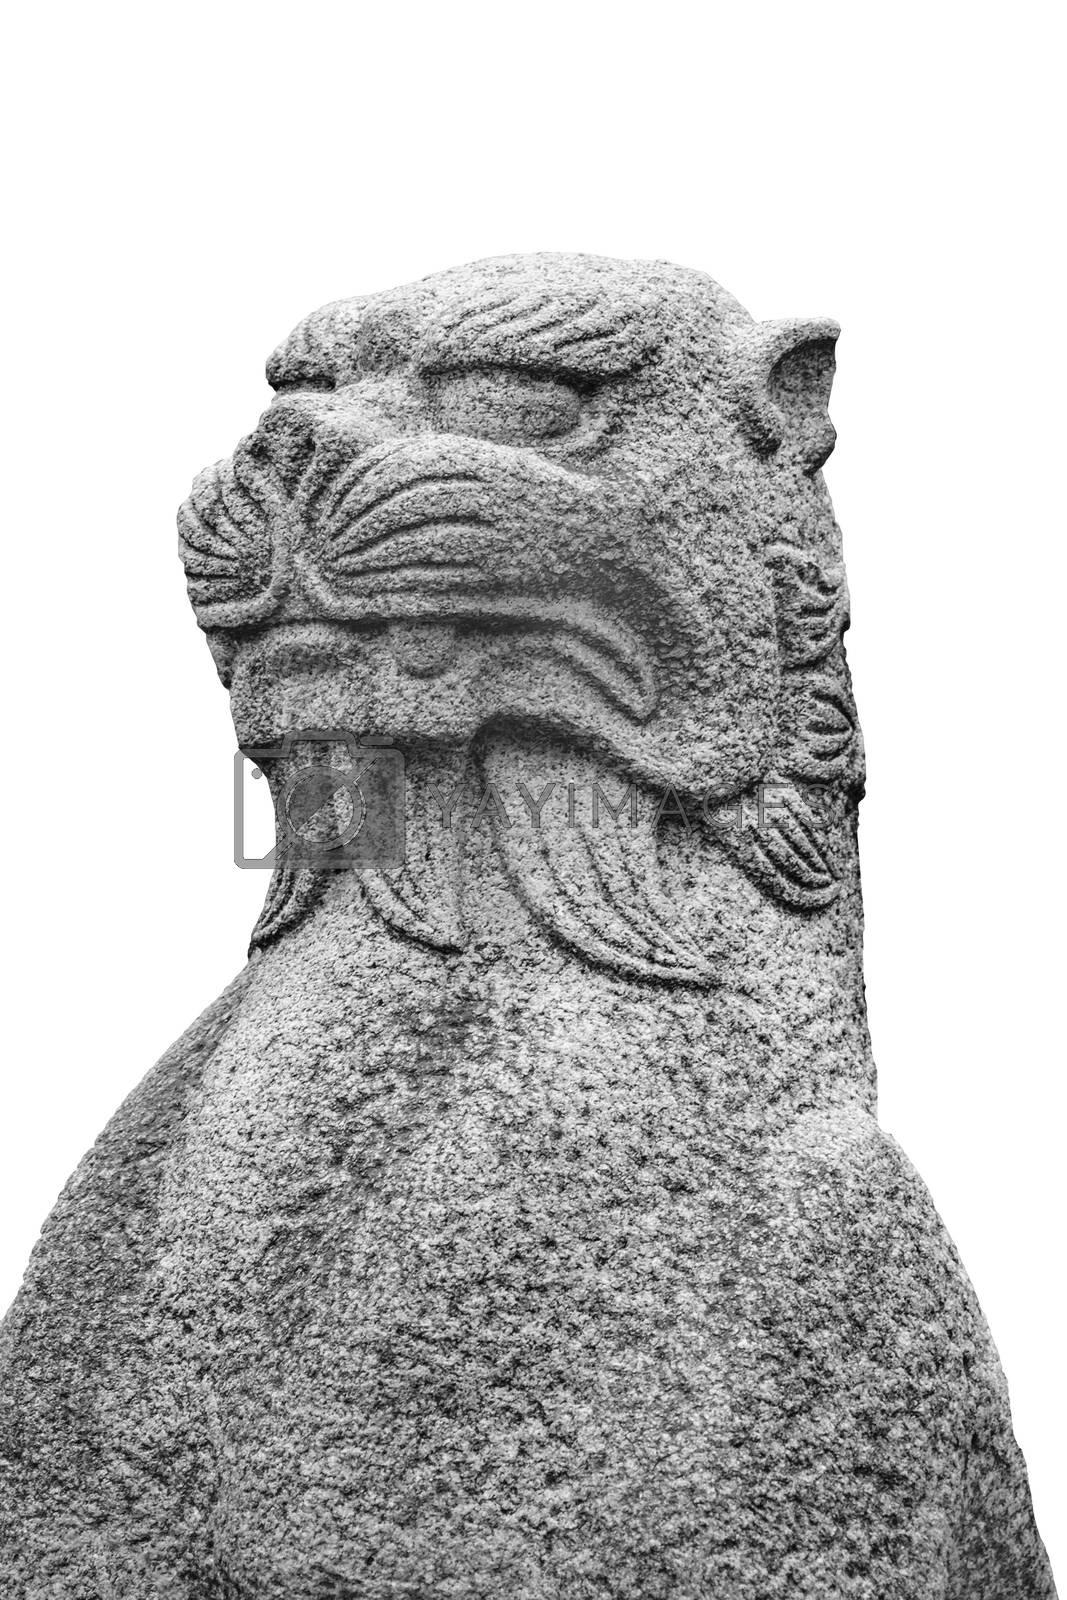 Japanese mythological feline stone sculpture isolated on white background